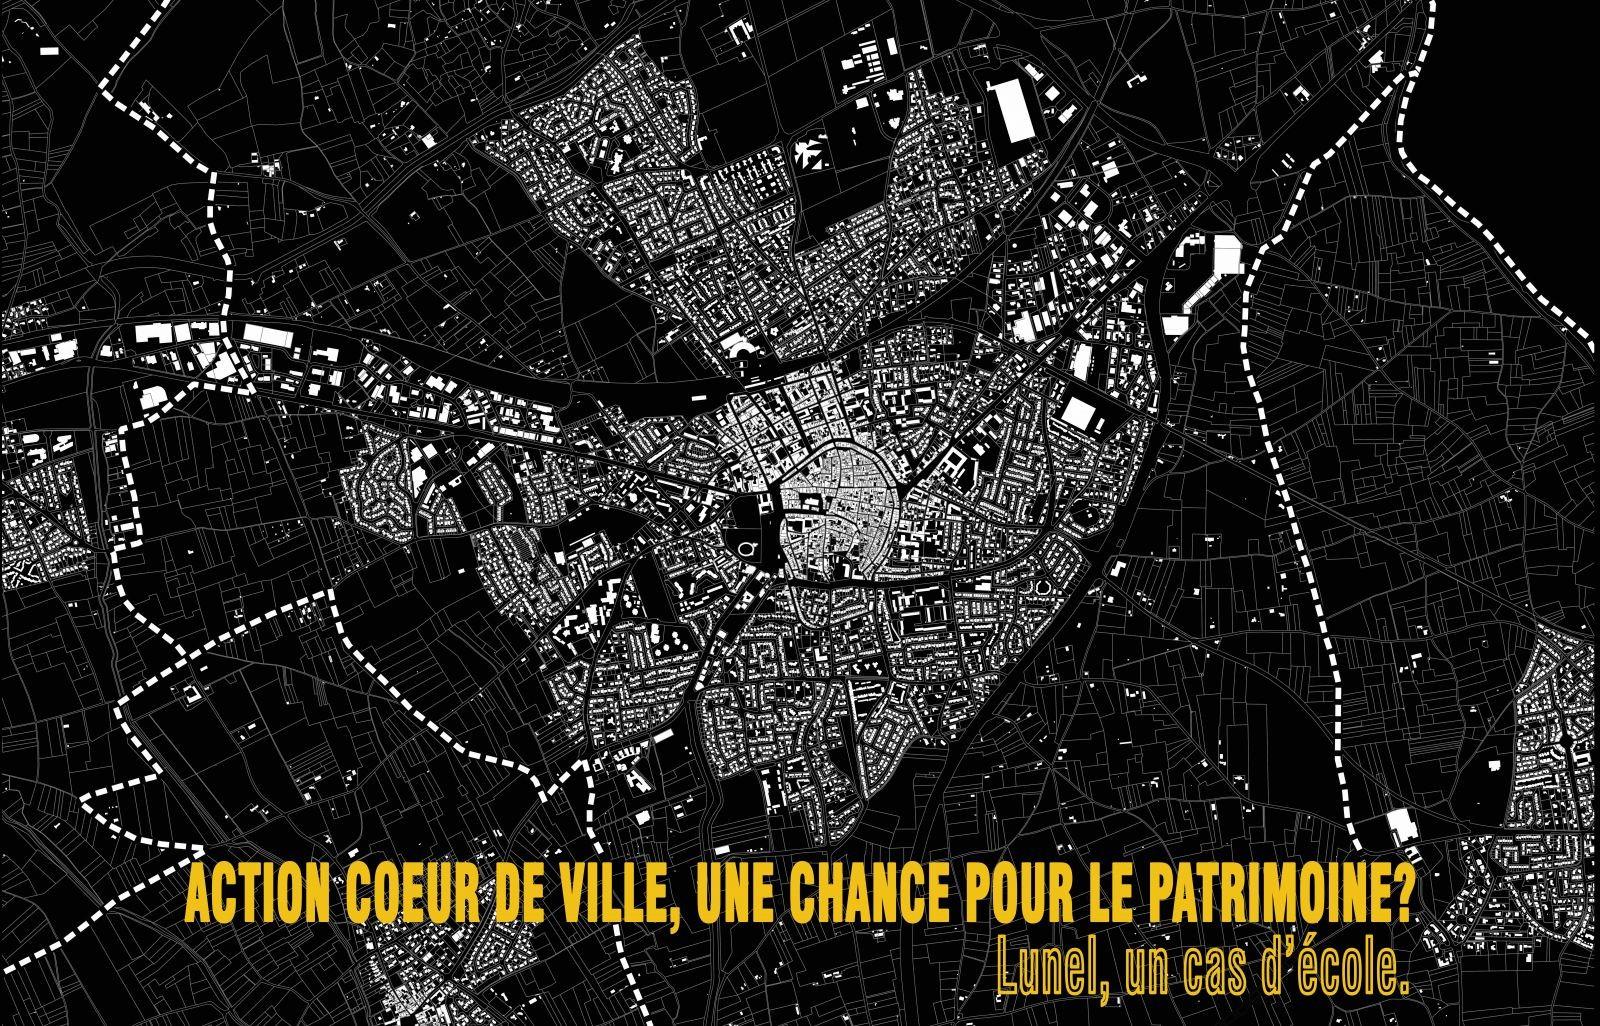 Lunel, extrait du plan cadastral. Source : Joseph Sangenito et Véronique Demange DDTM34.